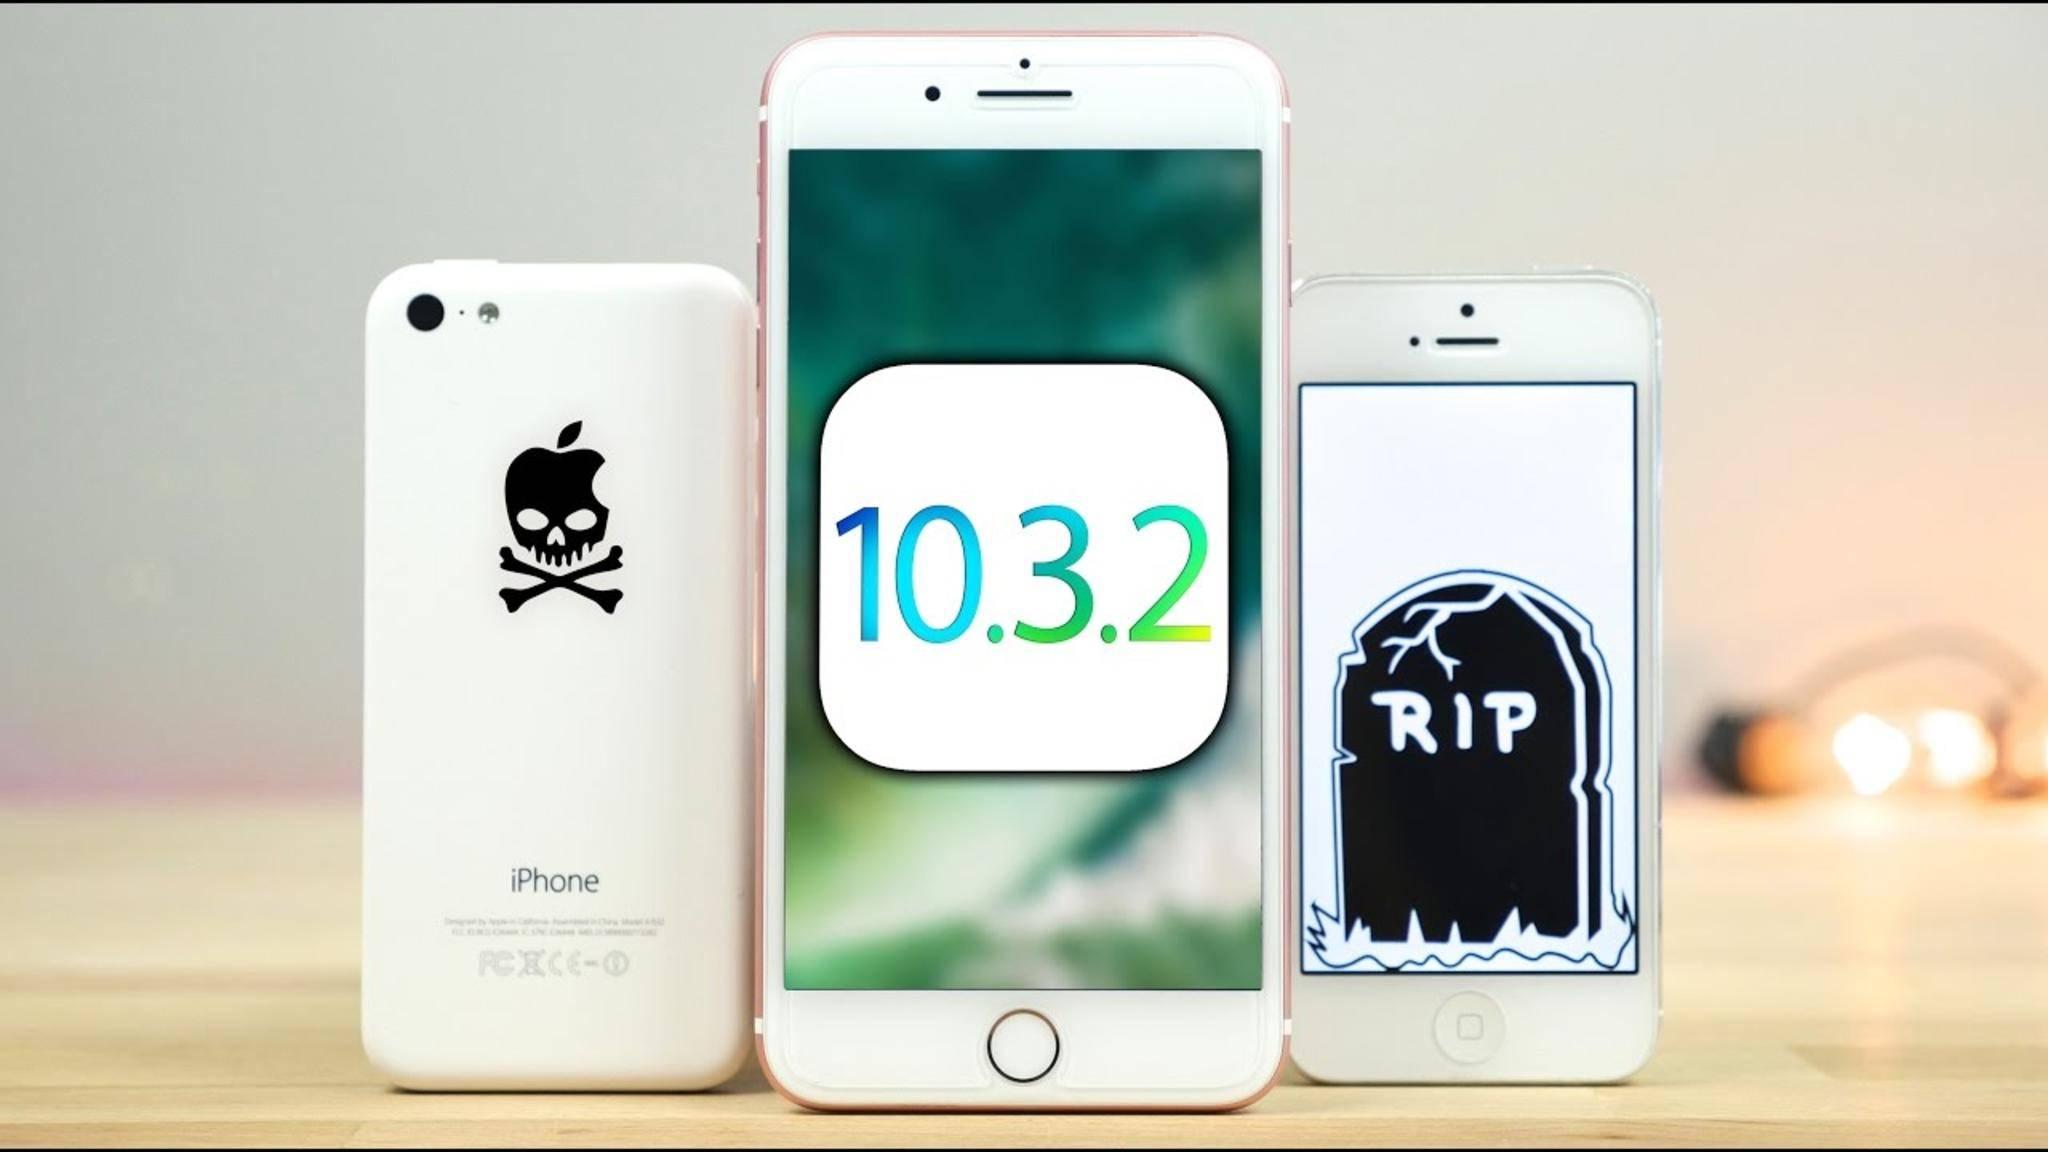 Mit iOS 10.3.2 endet wohl der Support für iPhone 5 und 5c.